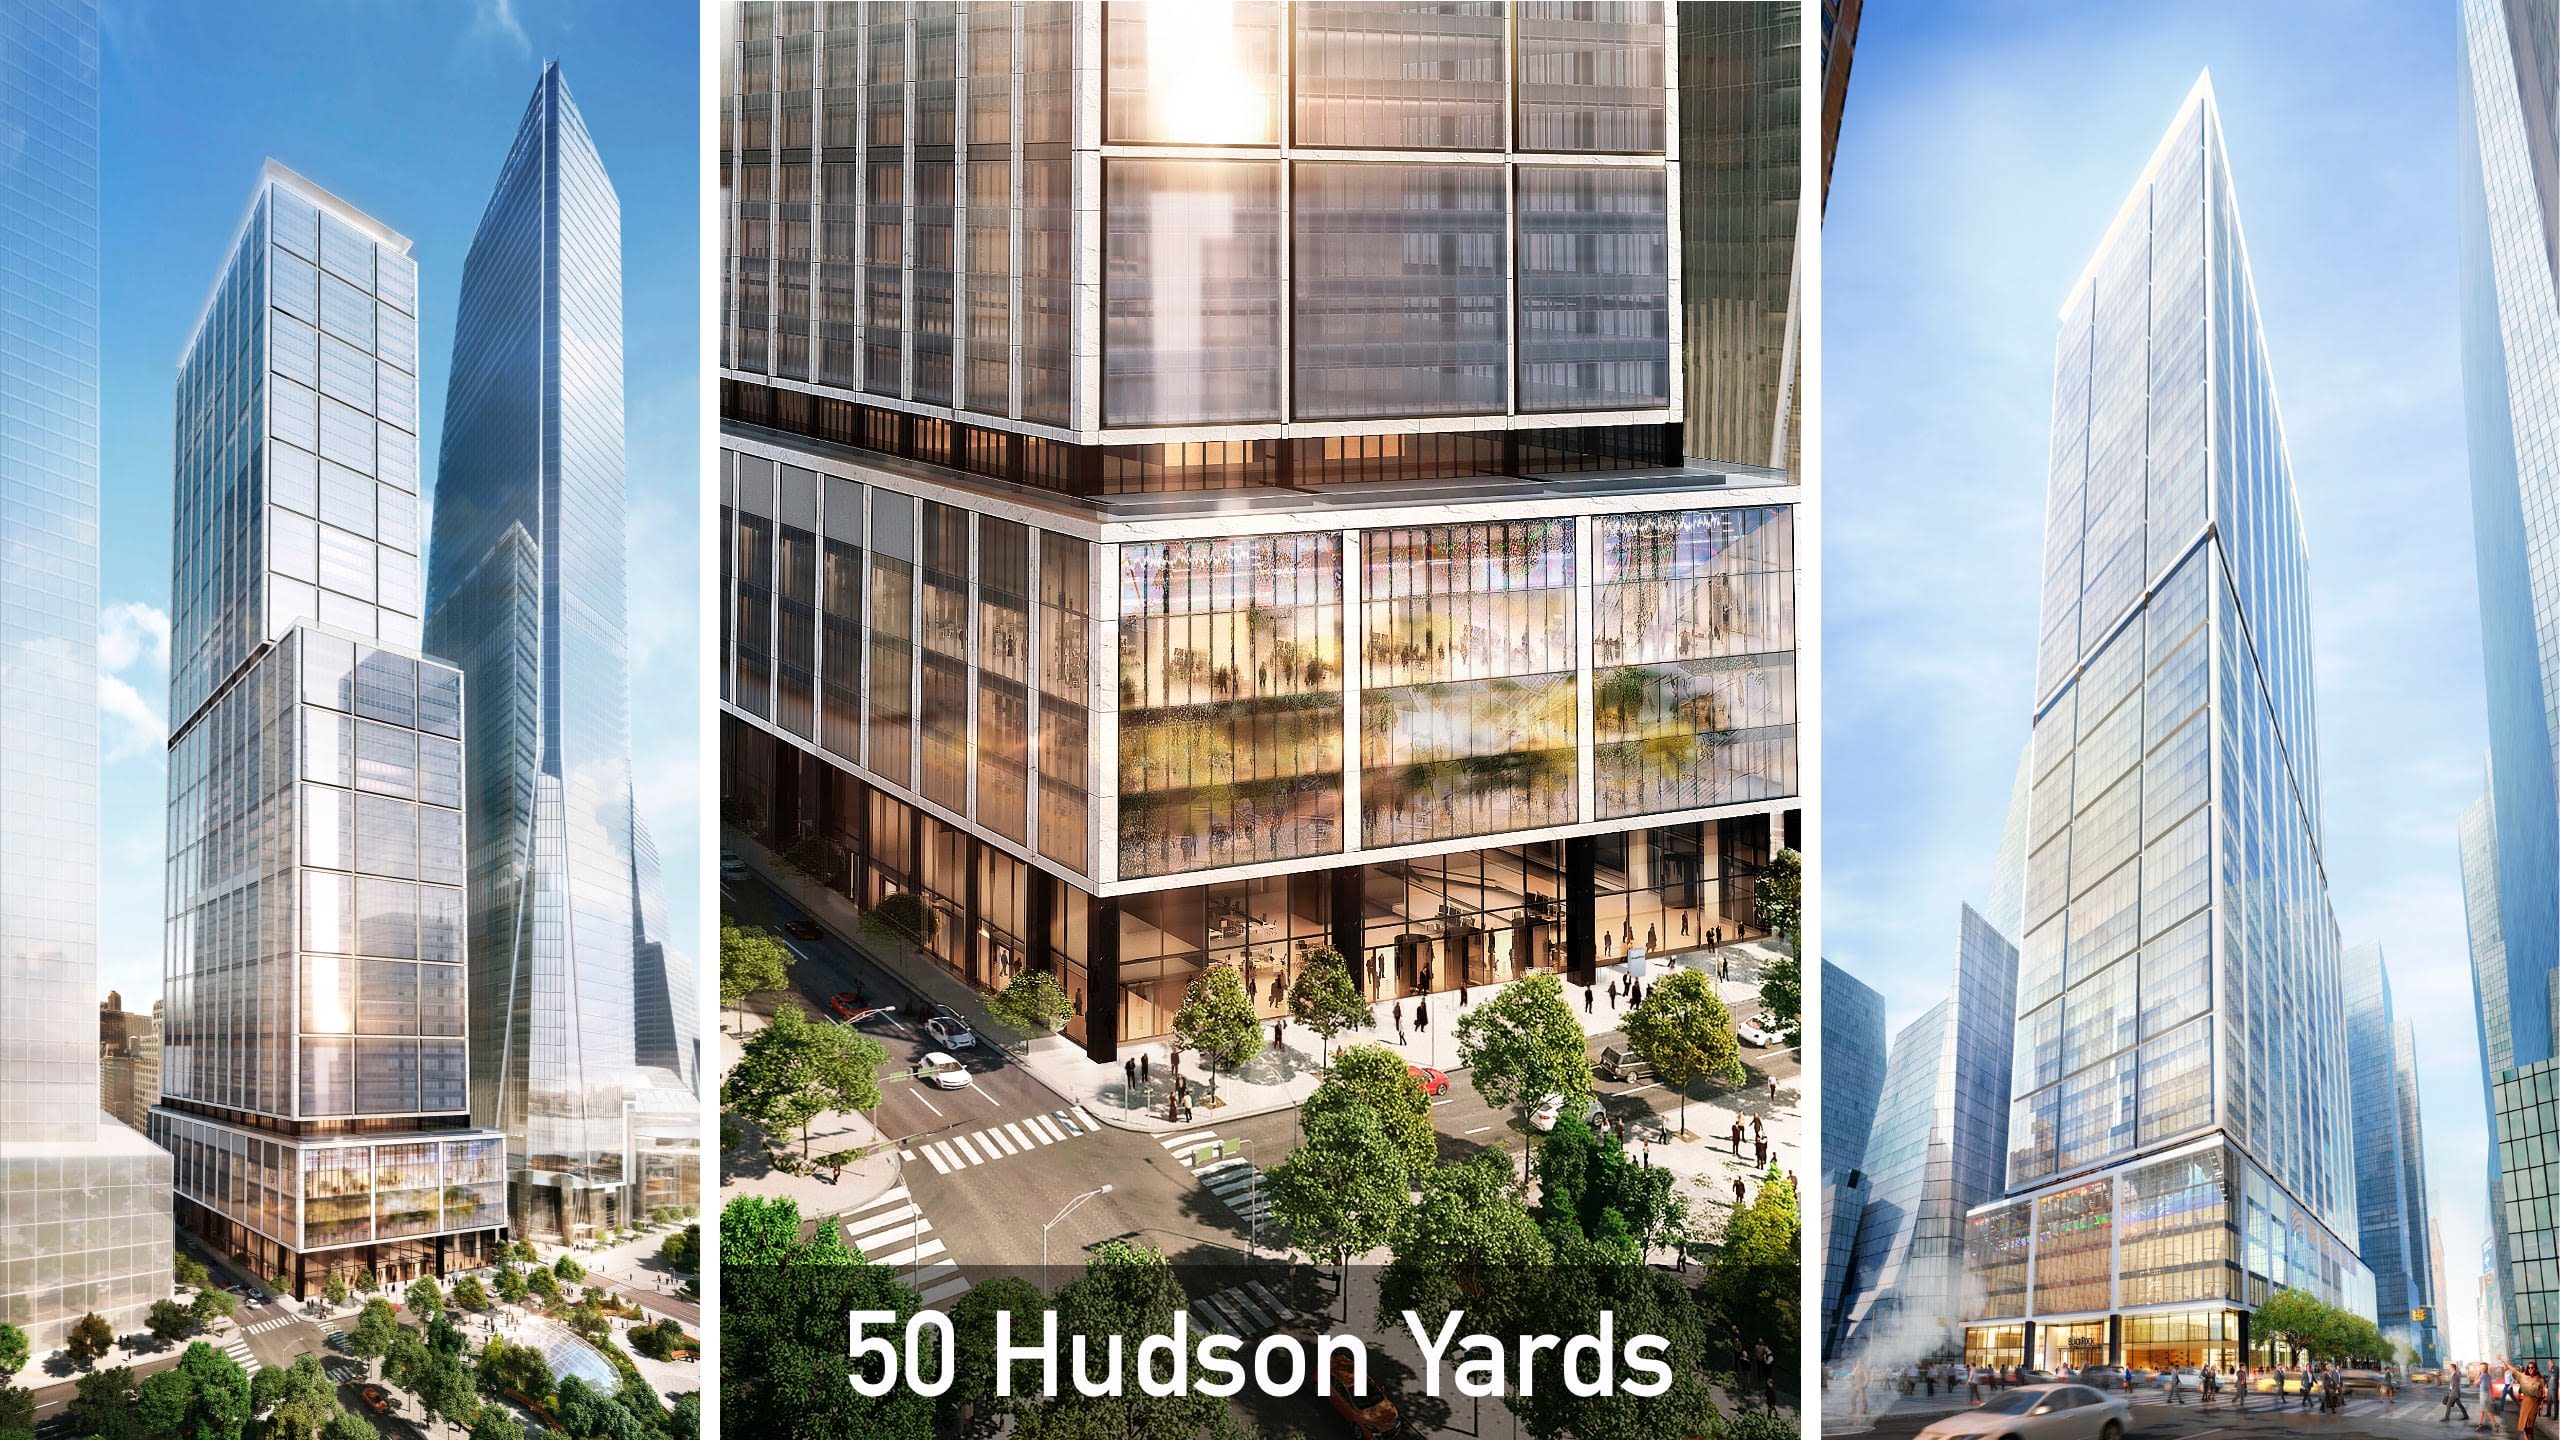 50 Hudson Yards